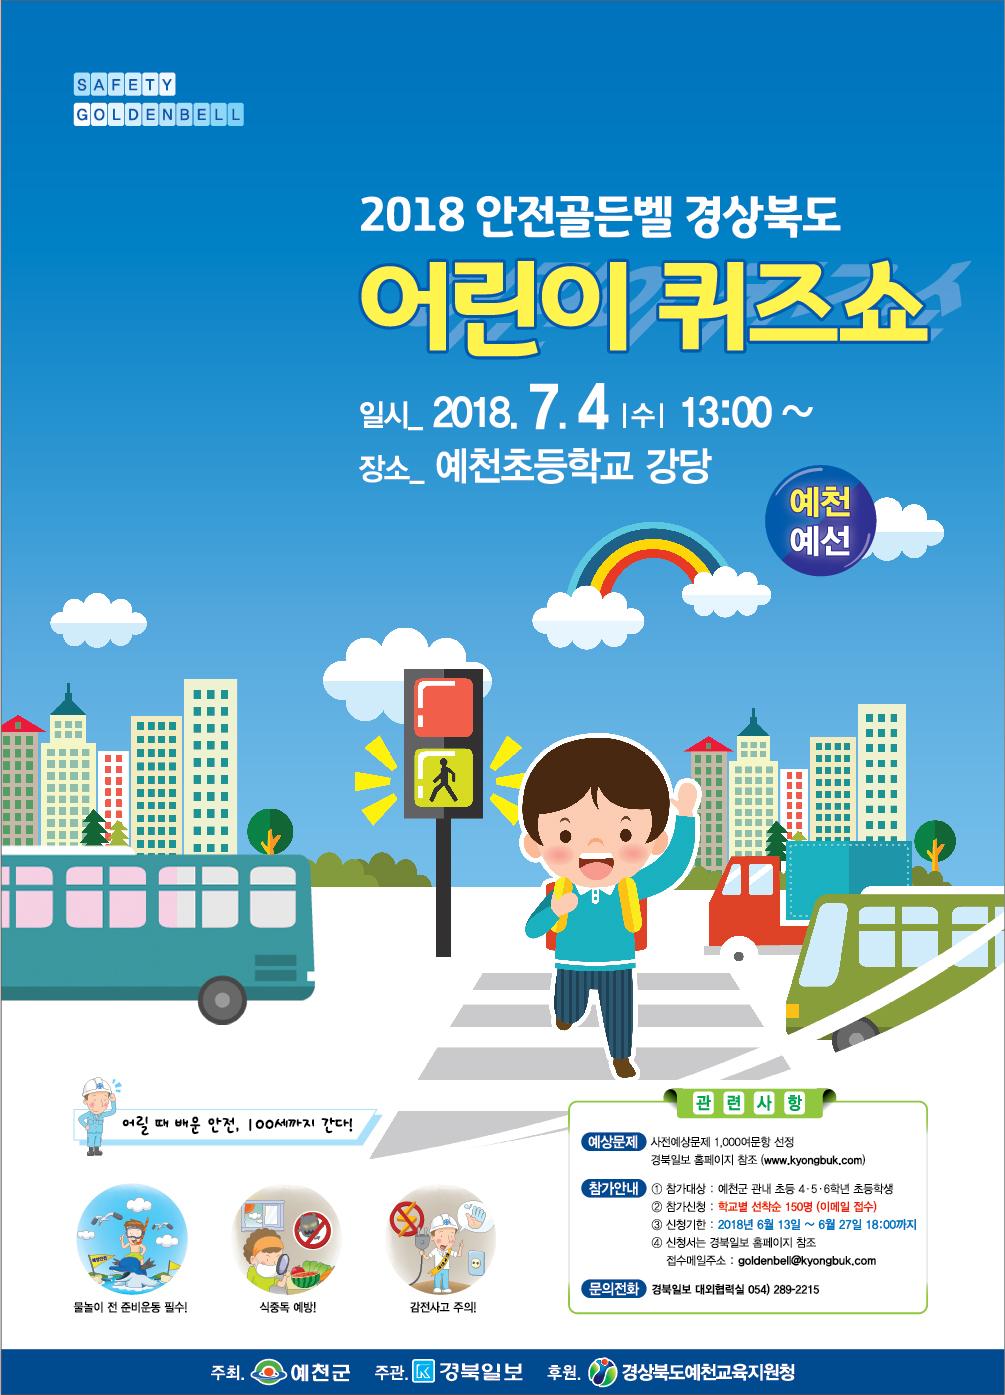 2018_안전골든벨 예천예선_pop.png